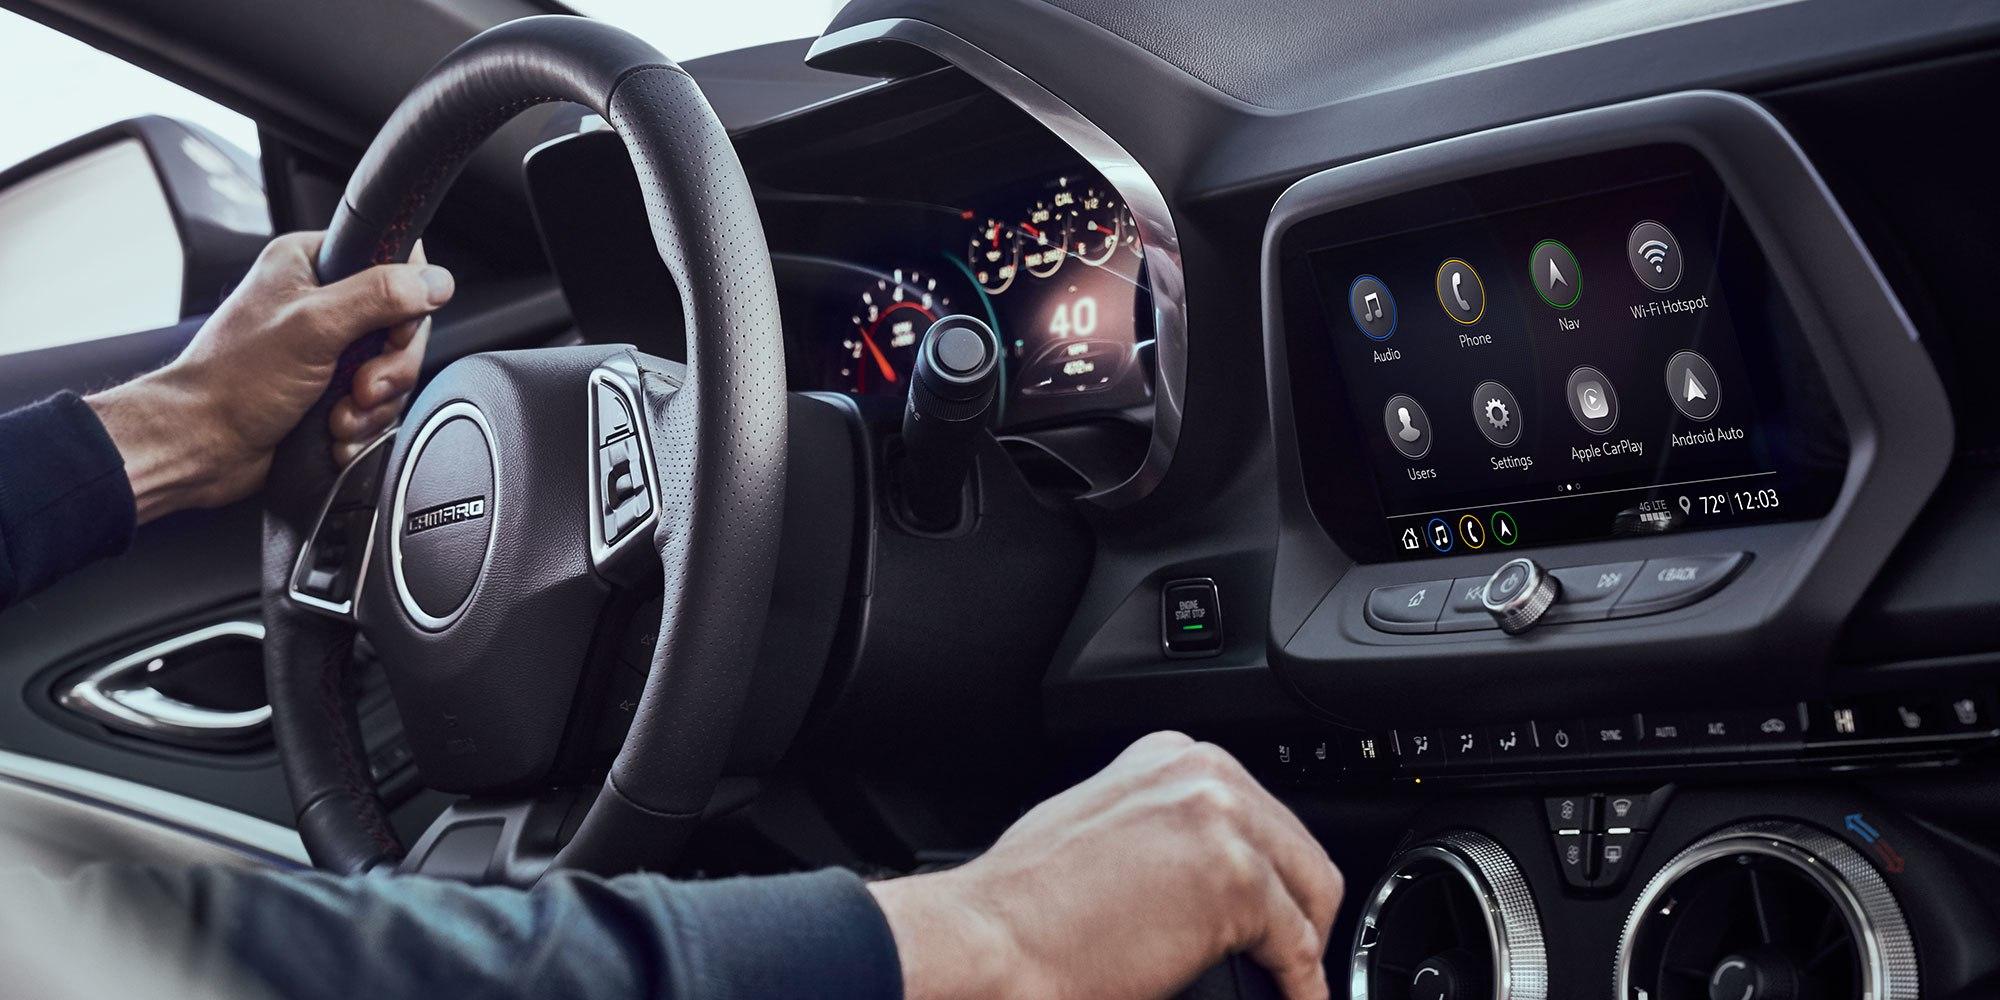 Chevrolet Camaro Ss 2019 Interior Chevrolet Cars Review